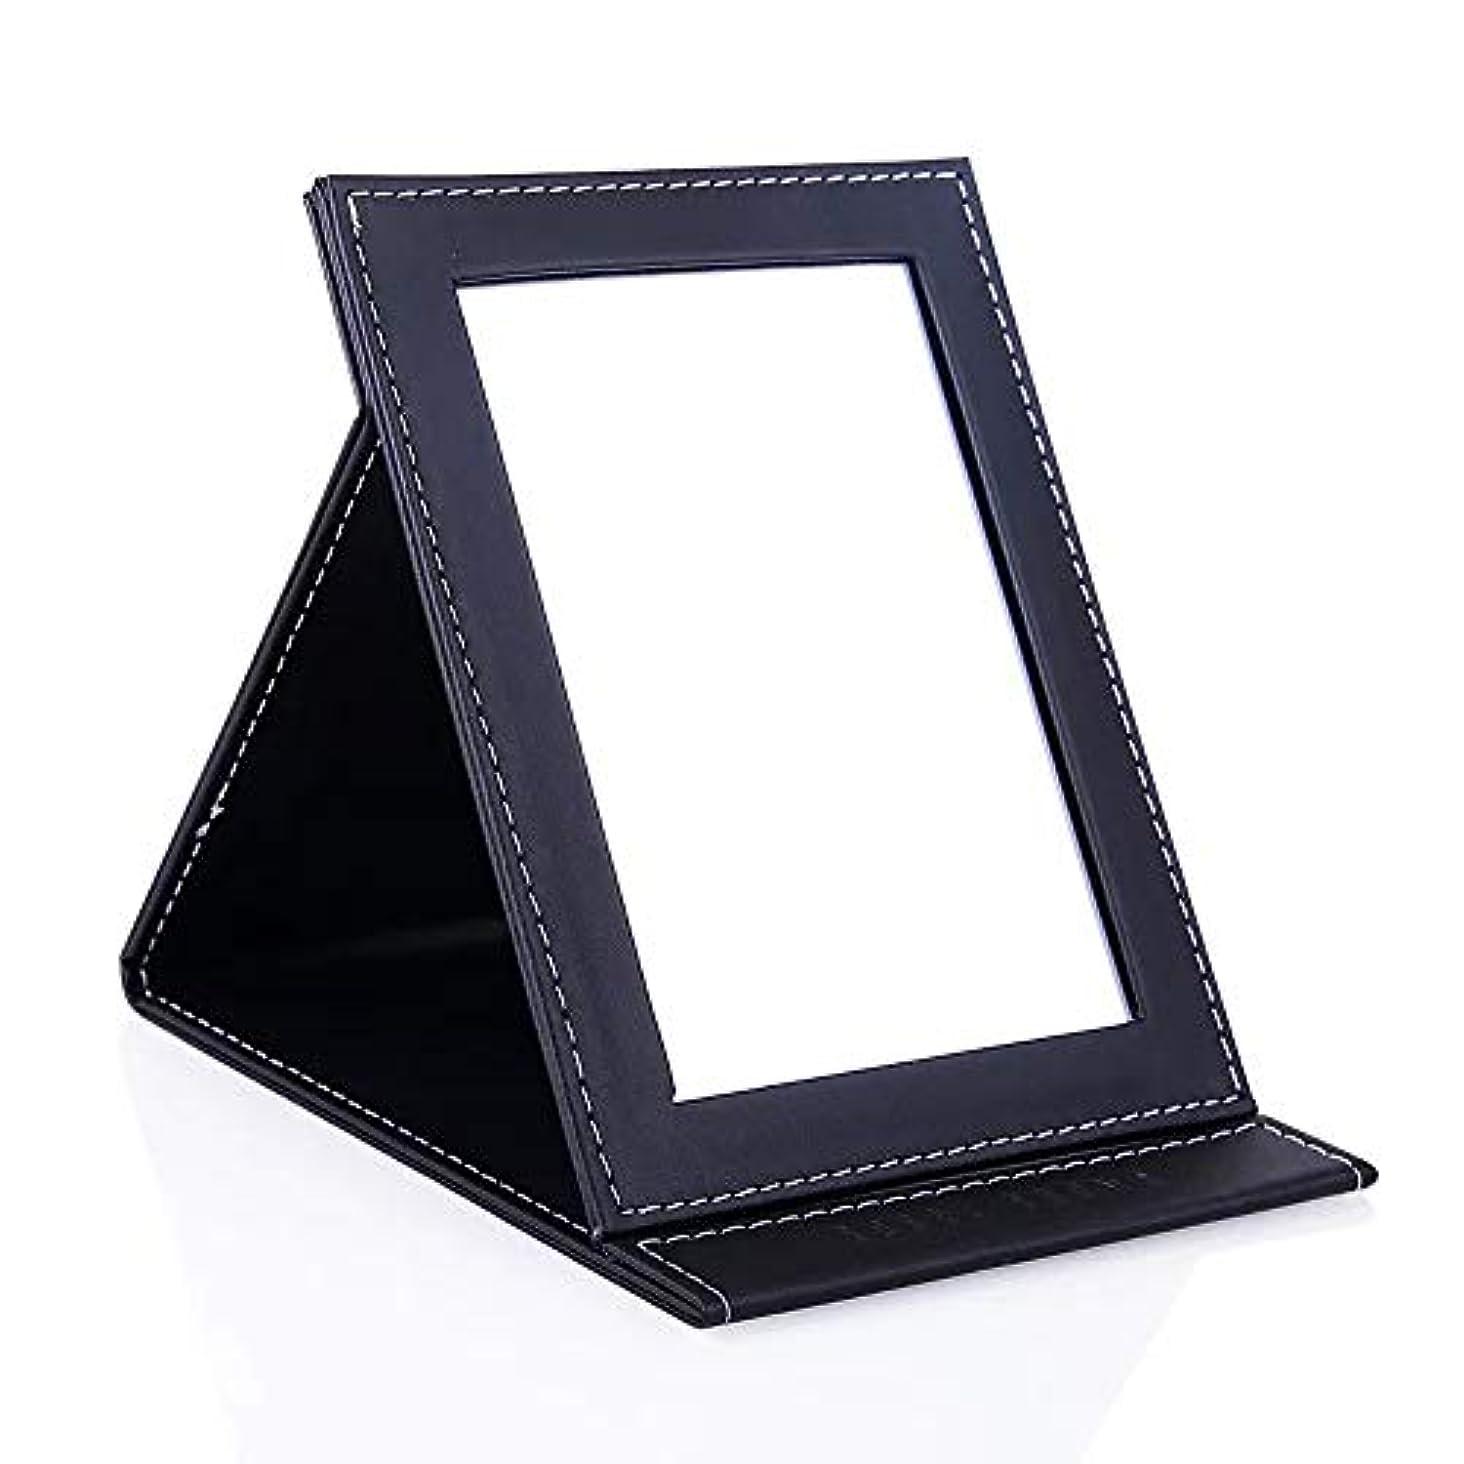 下に向けますアート誤ってMiaoma 化粧鏡 手鏡 折りたたみ式 卓上スタンドミラ ー PUレザー 持ち運び便利 収納 M …